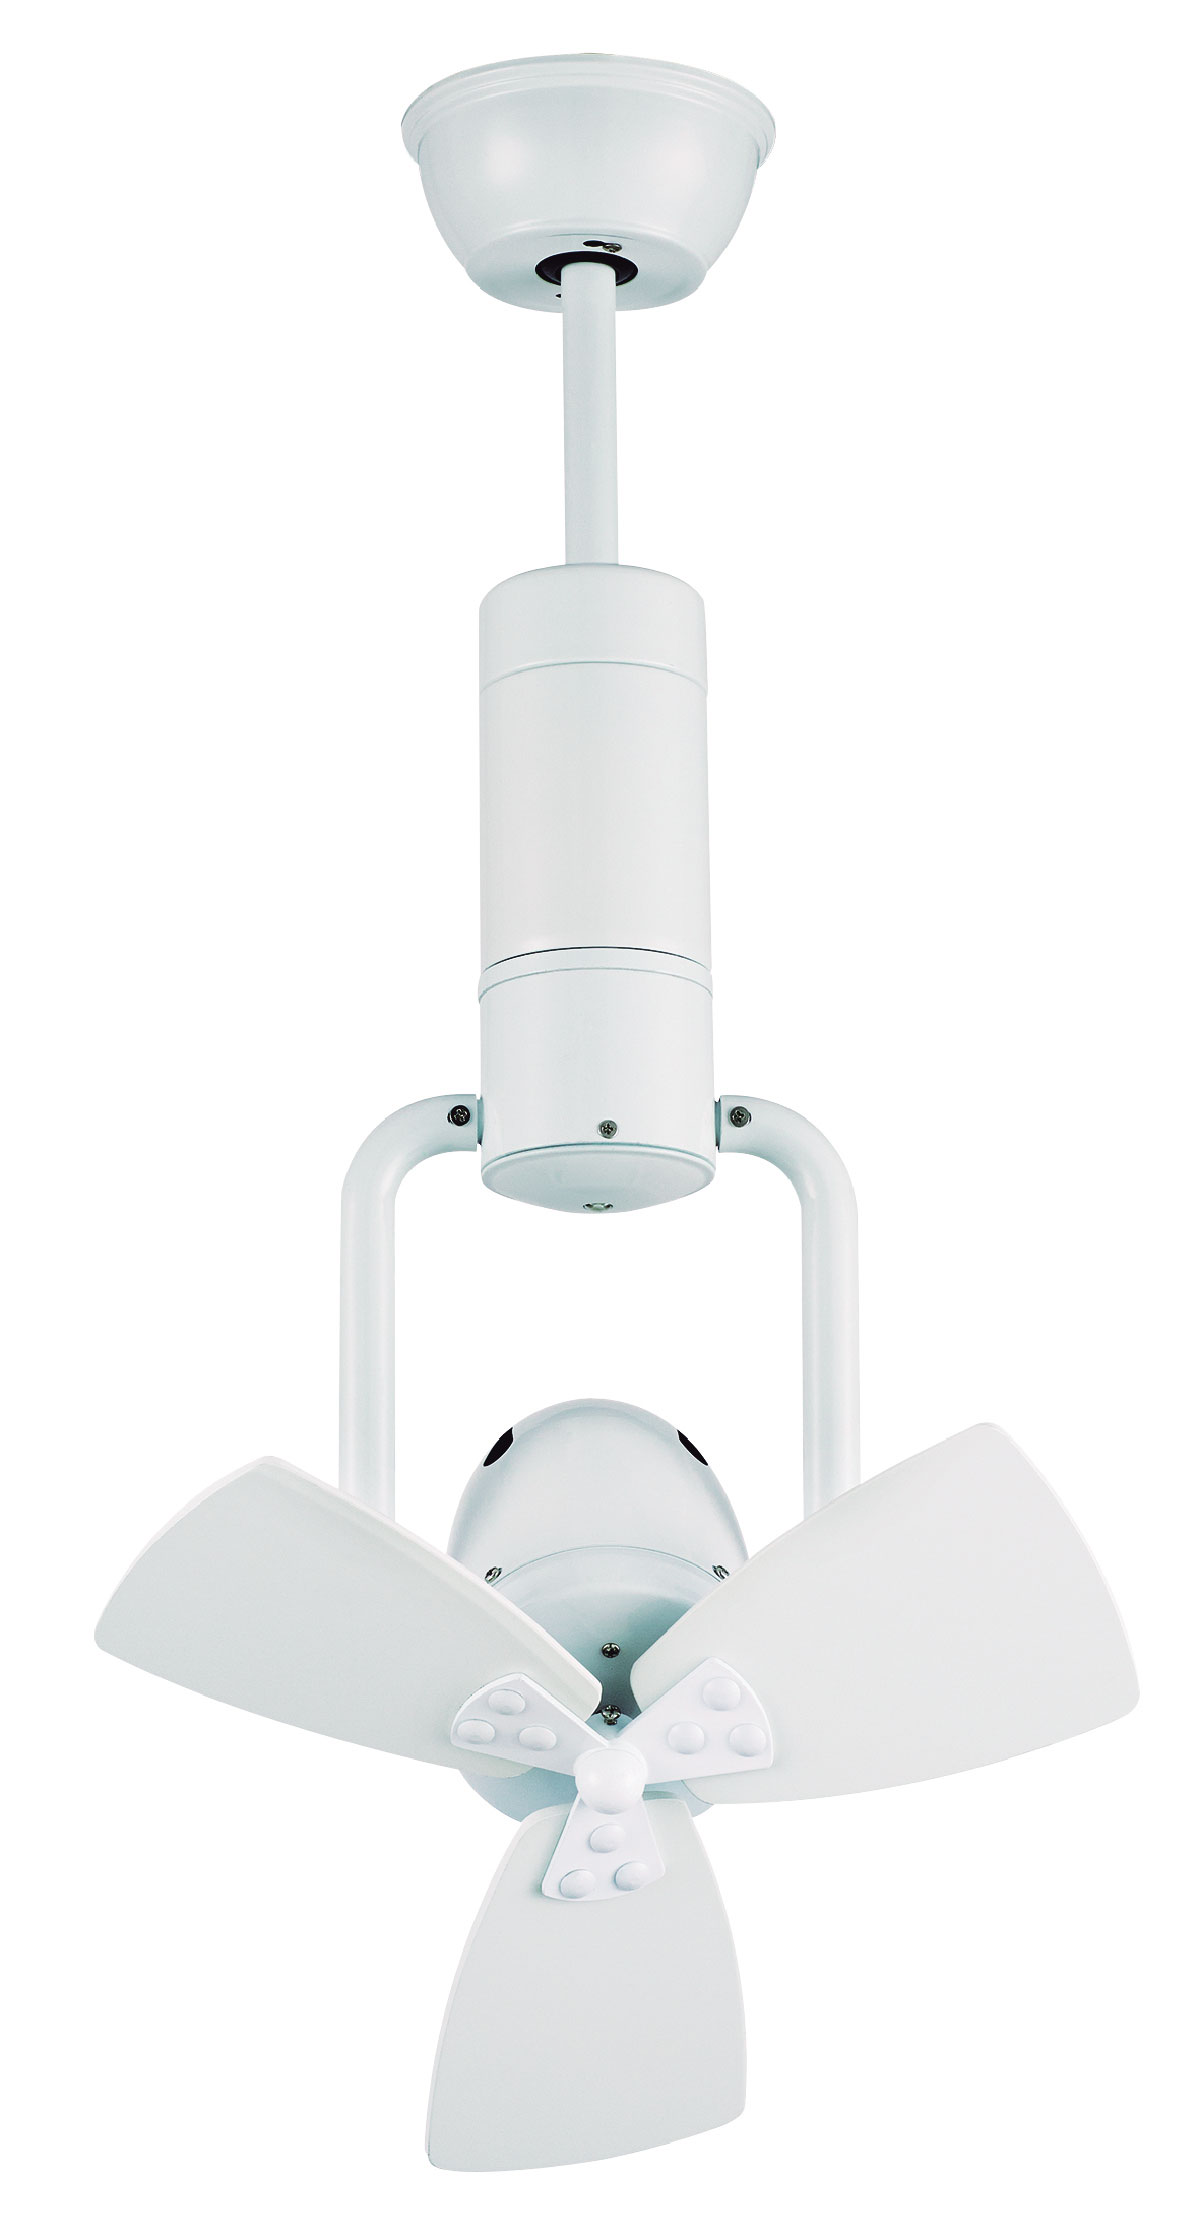 Ventilador de techo Sulion 072643 handair